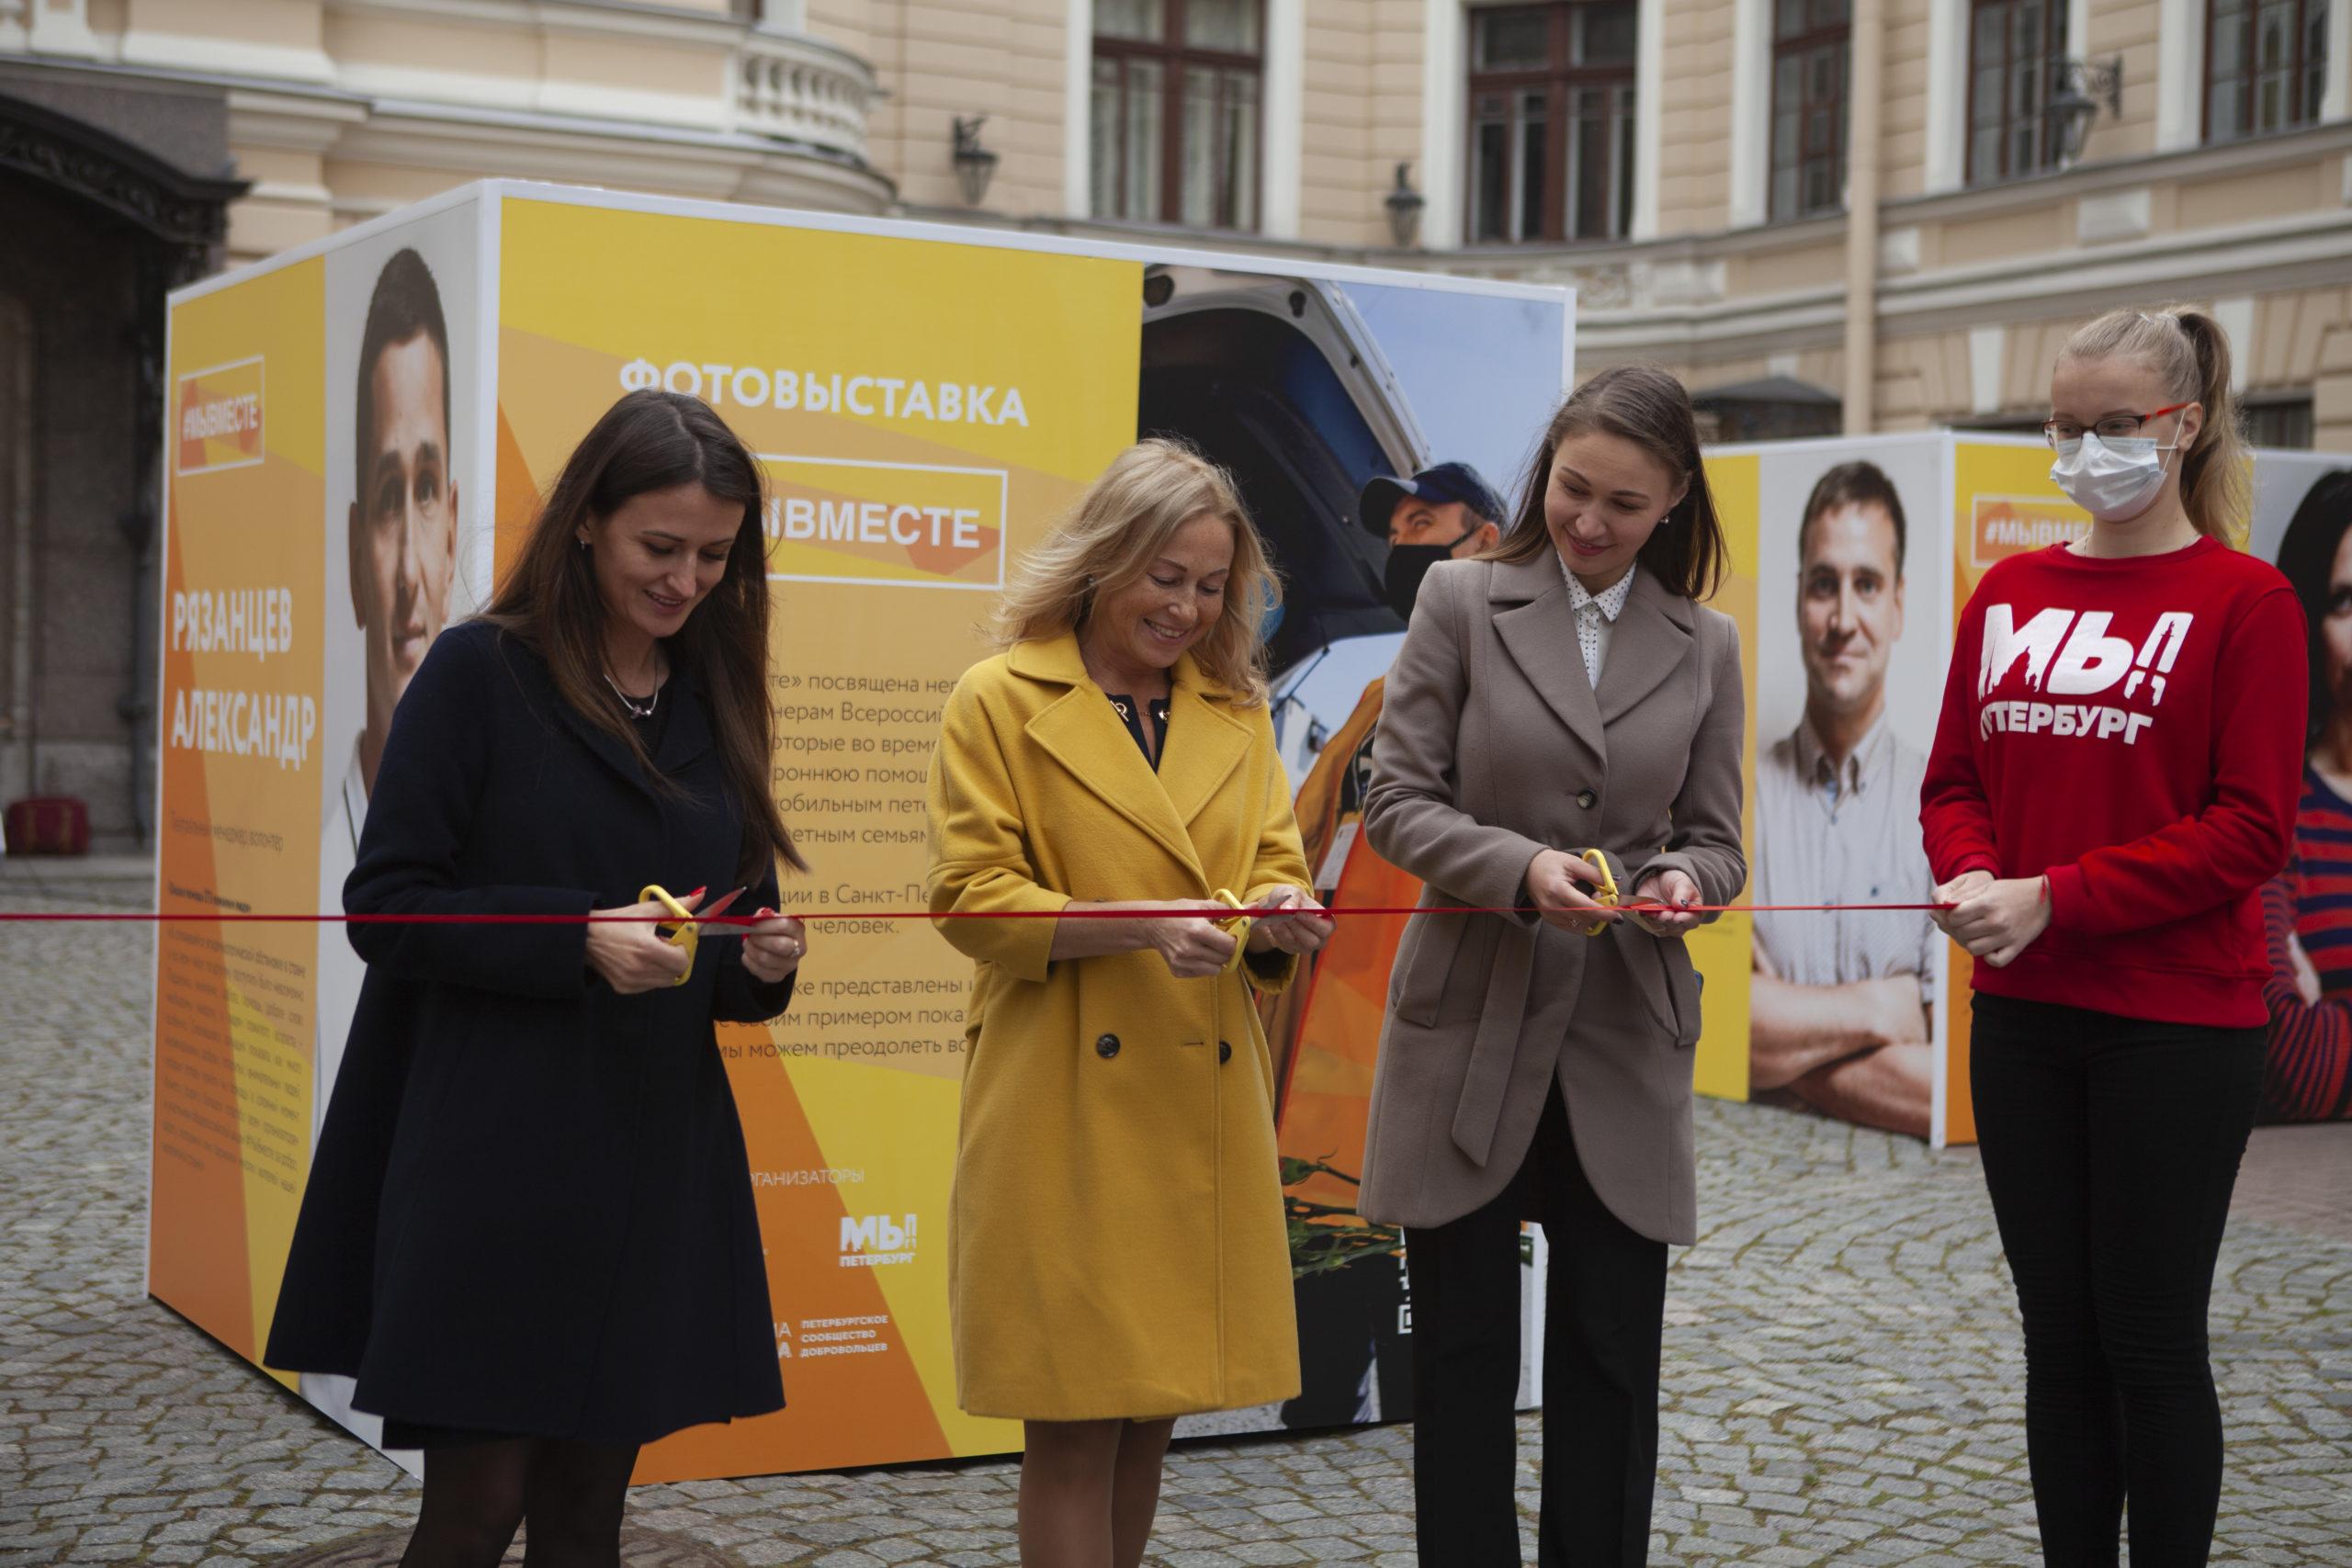 В Петербурге открылась фотовыставка, героями которой стали добровольцы акции #МыВместе_5f62f88f0a3f5.jpeg